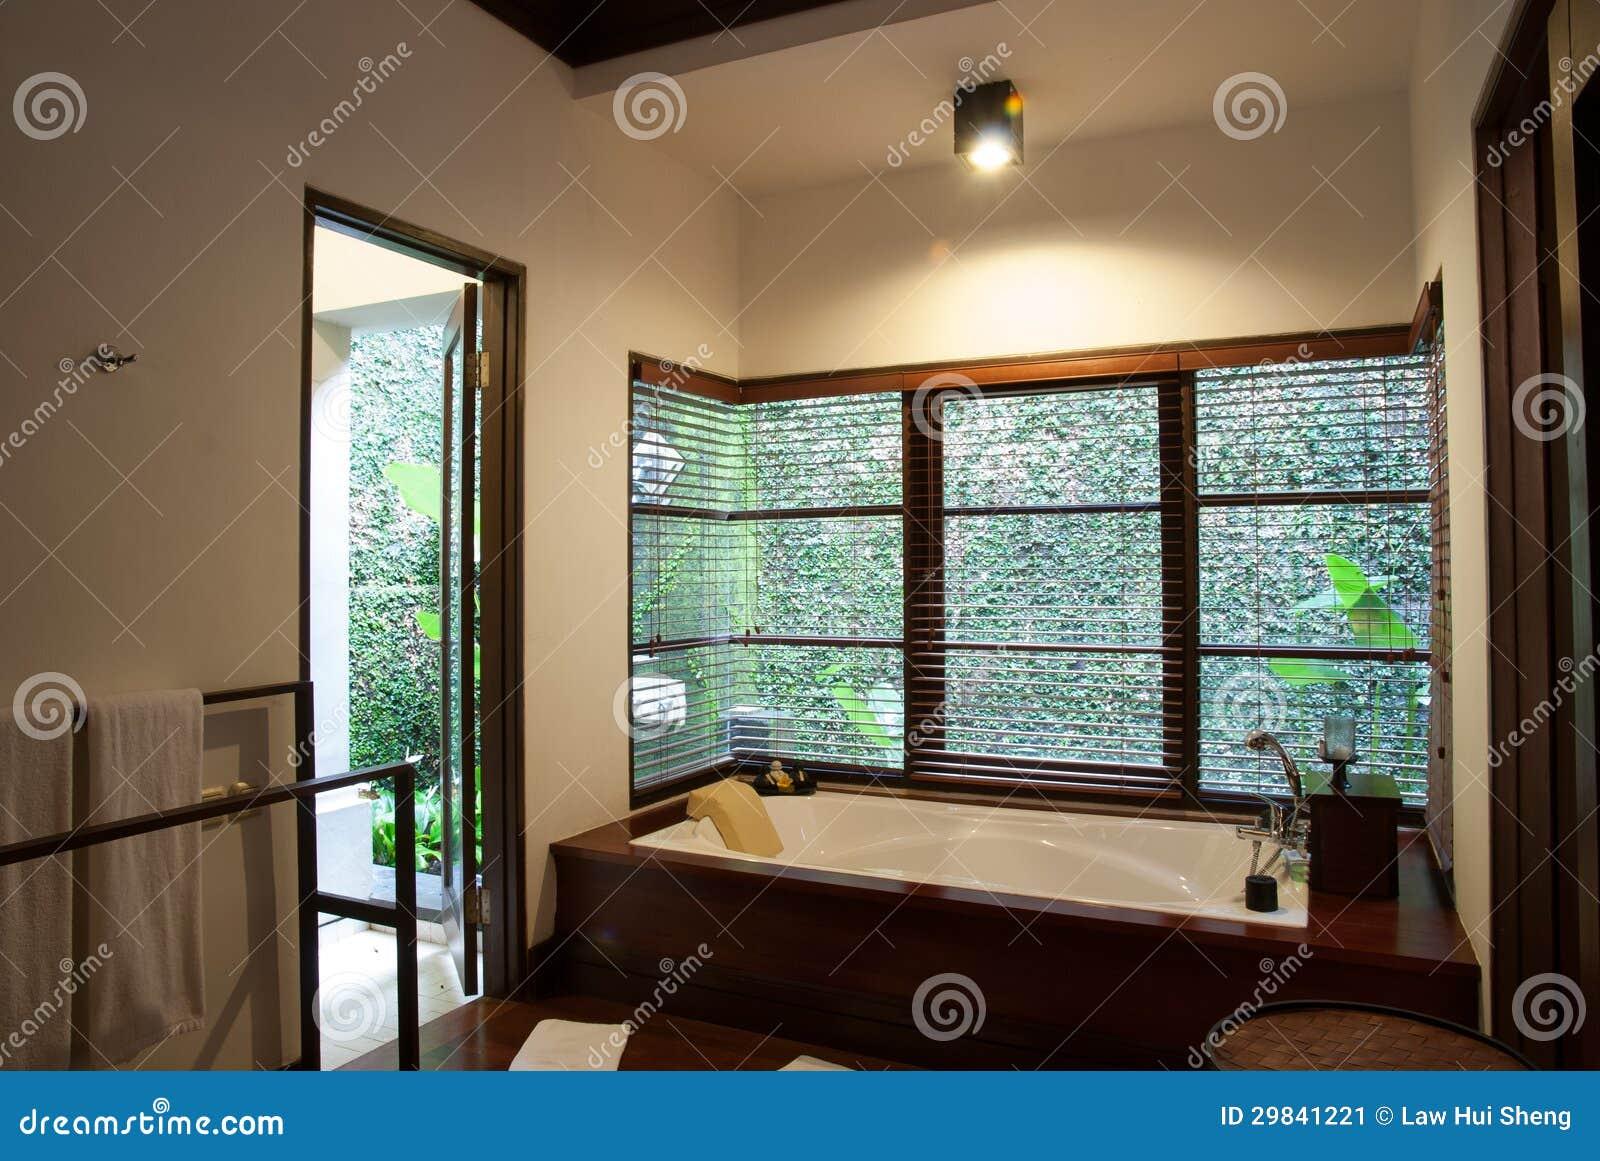 Banheiro do hotel de luxo com banheira em uma casa de campo. #2A1A11 1300x960 Acessorios Para Banheiro Hotel